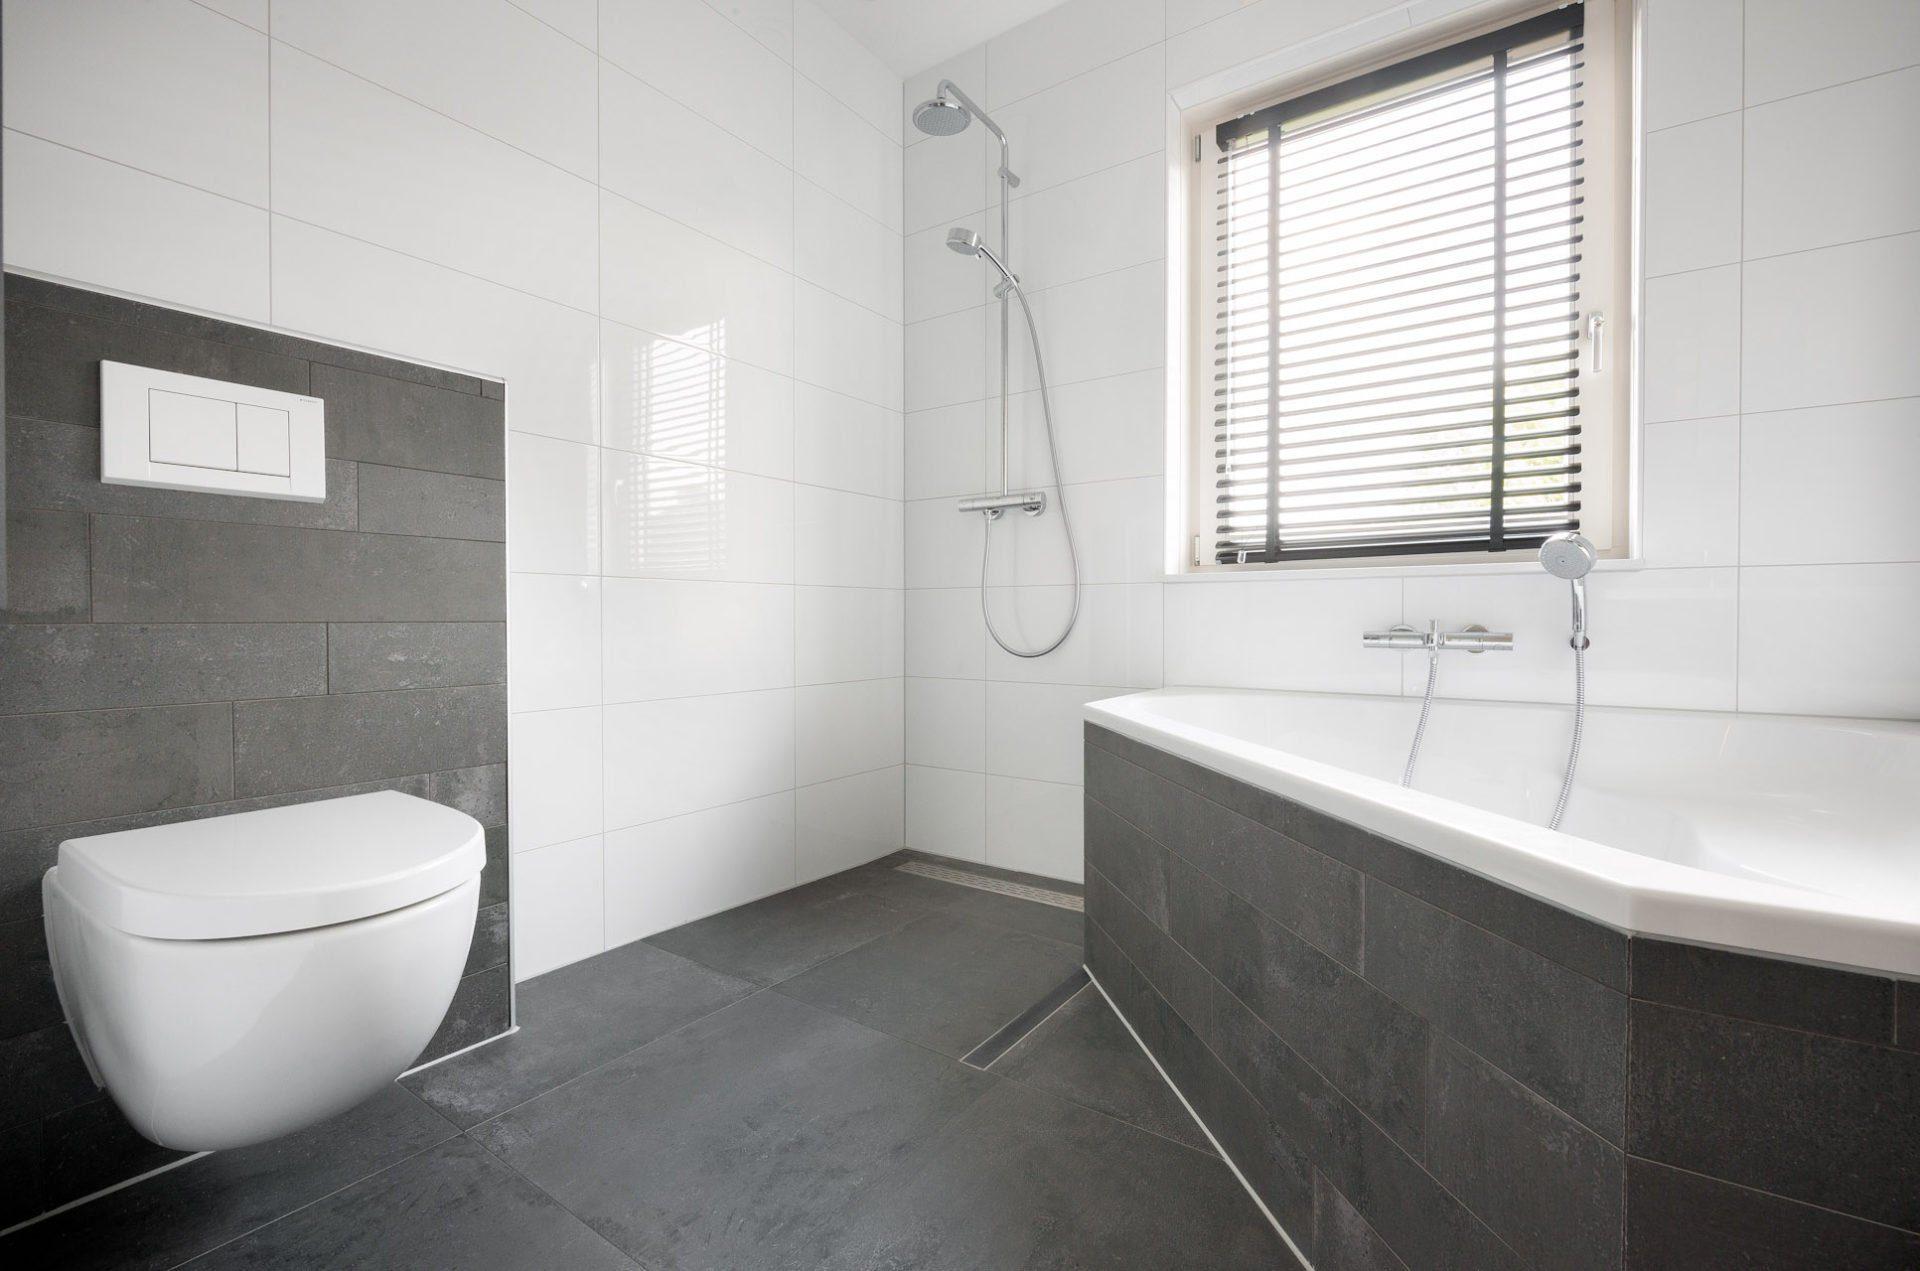 Landelijke Badkamerlampen ~ Wandtegels badkamer  KROON vloer in Steen